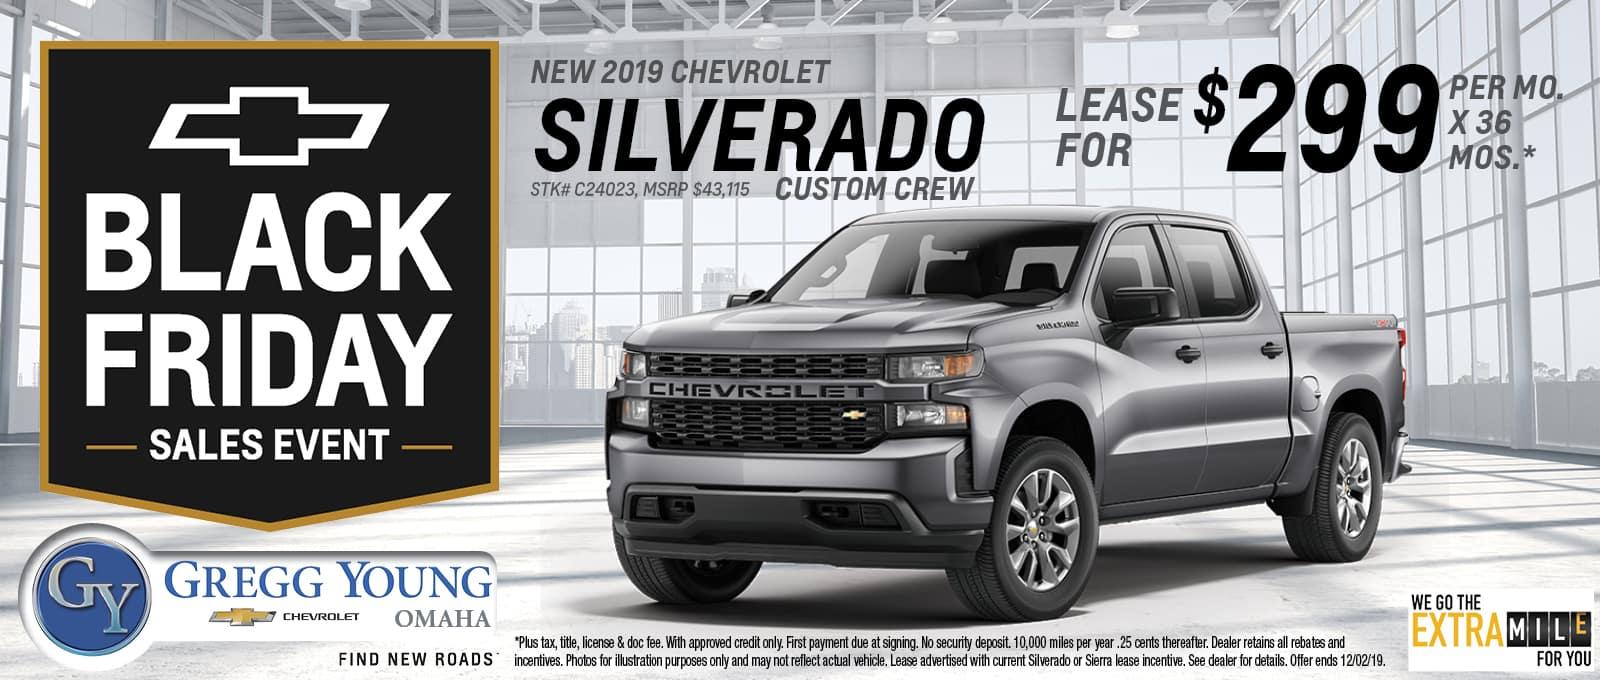 2019 Chevy Silverado Custom